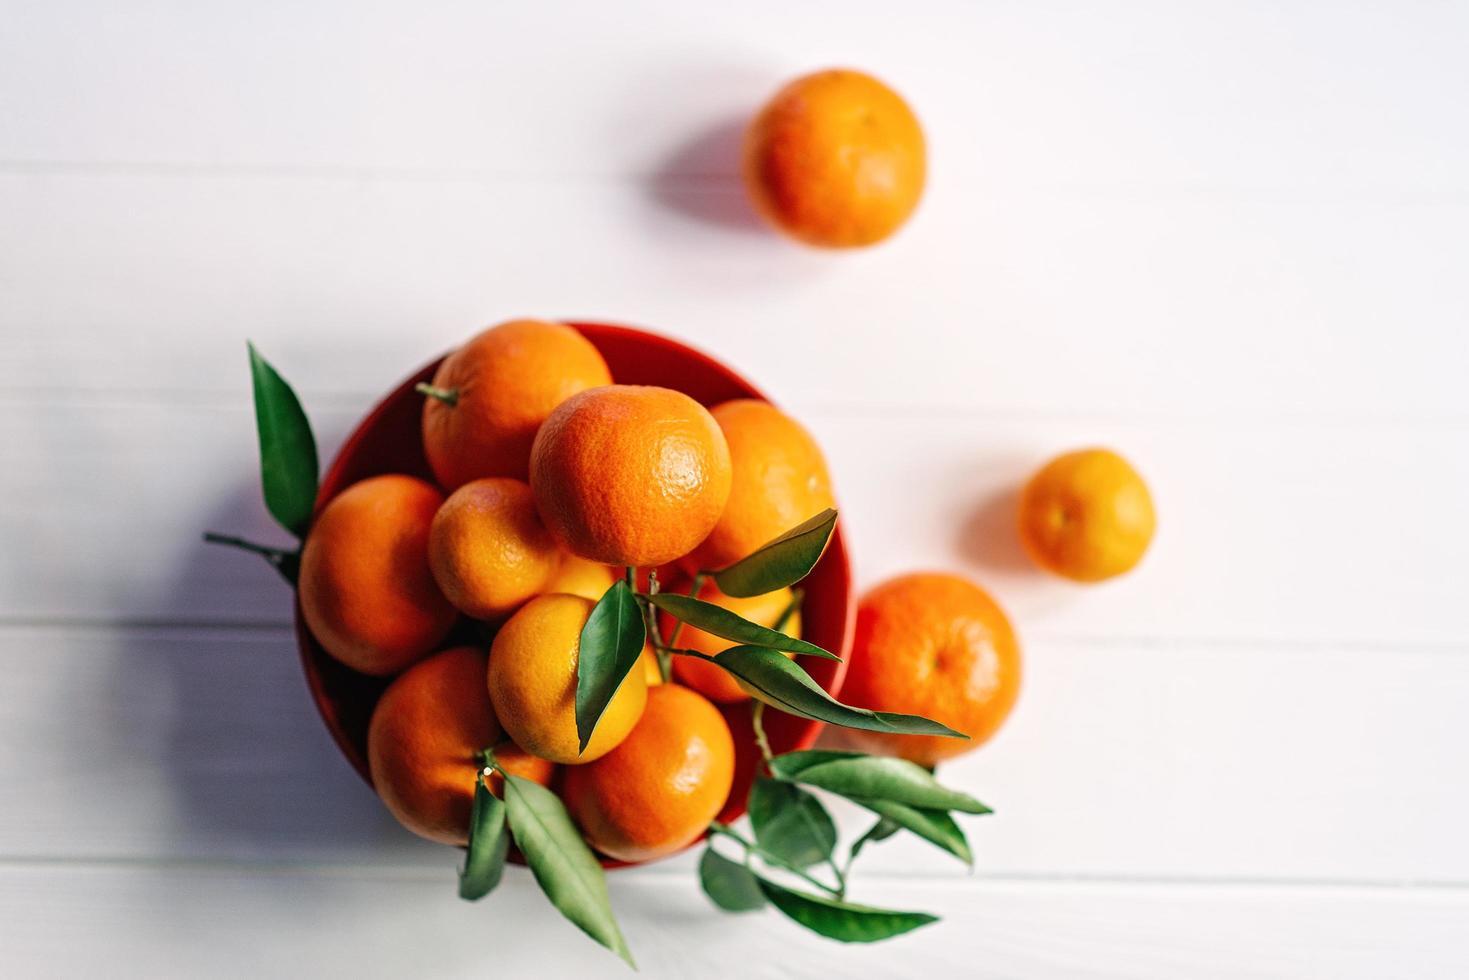 mandarines juteuses mûres dans une assiette rouge sur fond blanc. photo